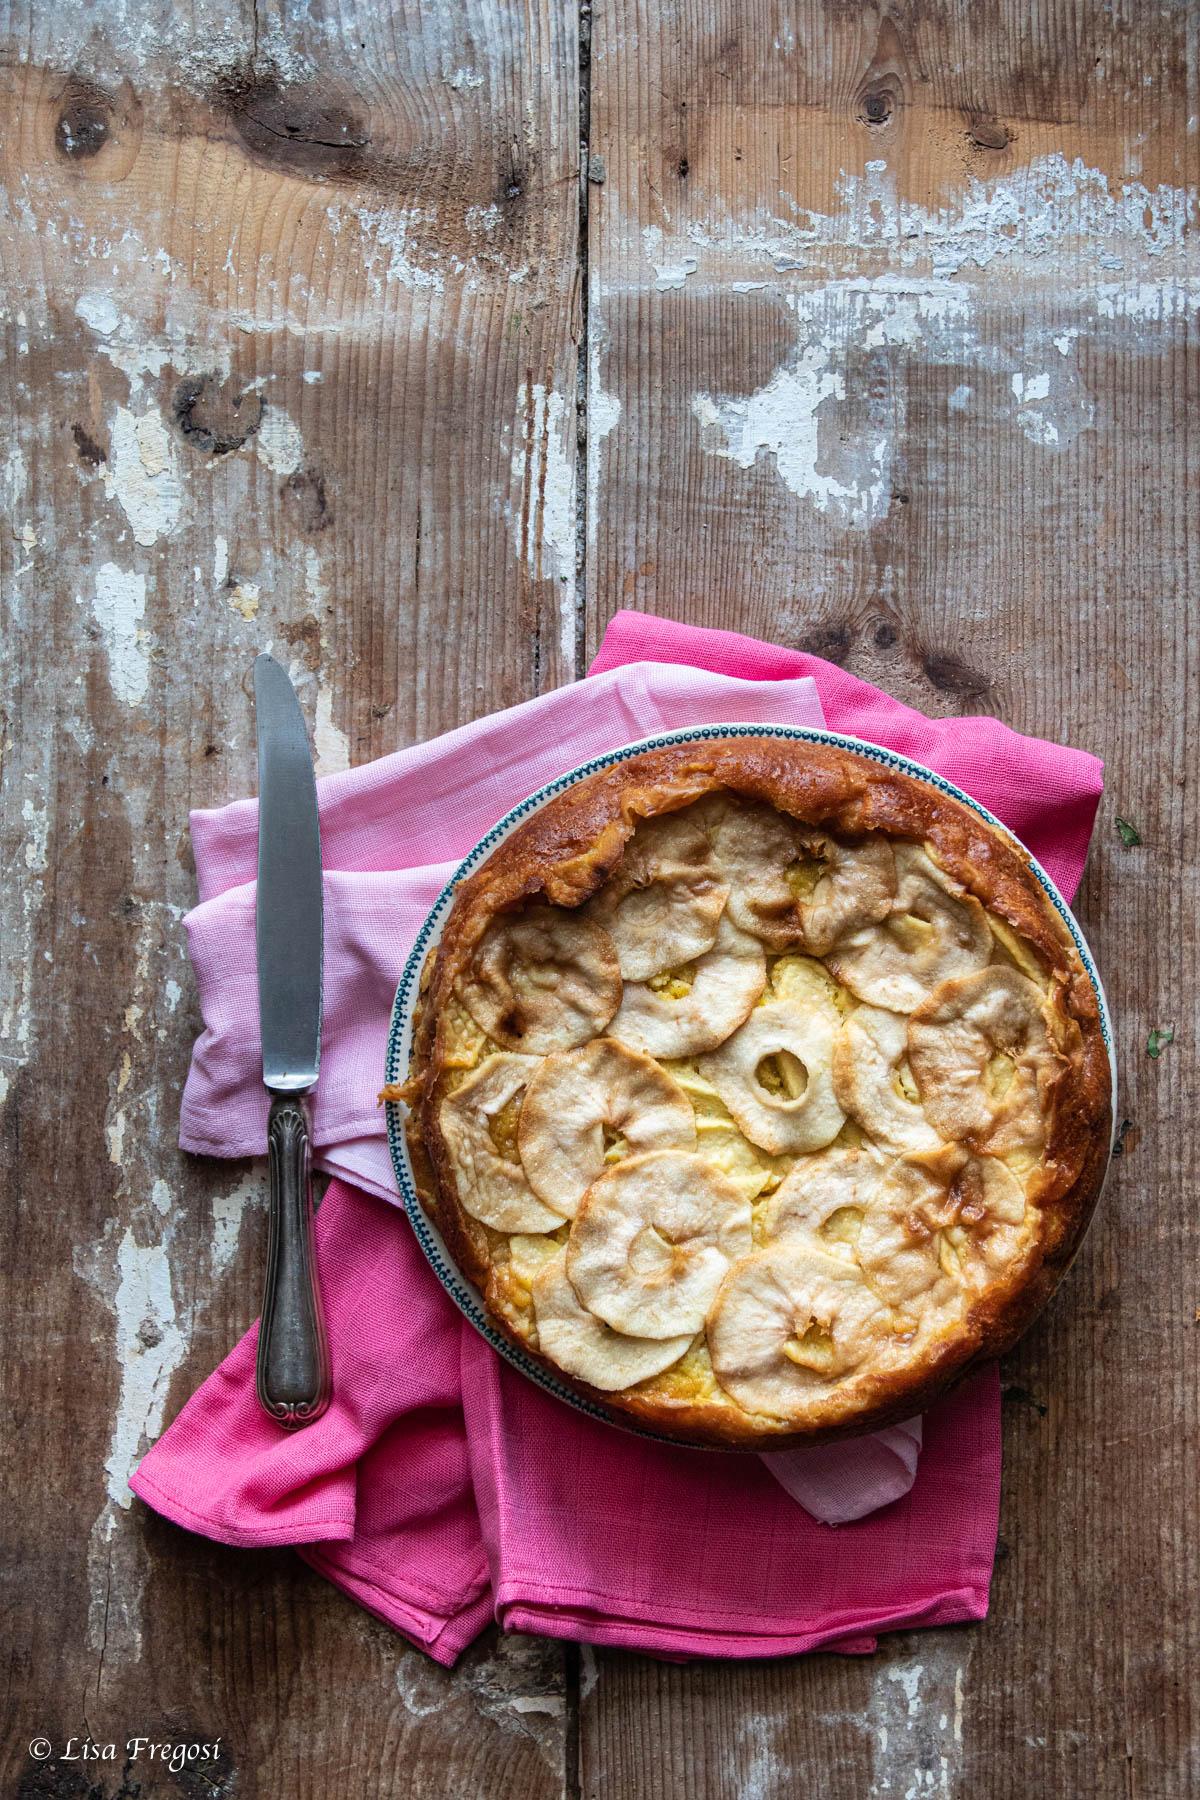 rustic food photography Fregosi Lisa